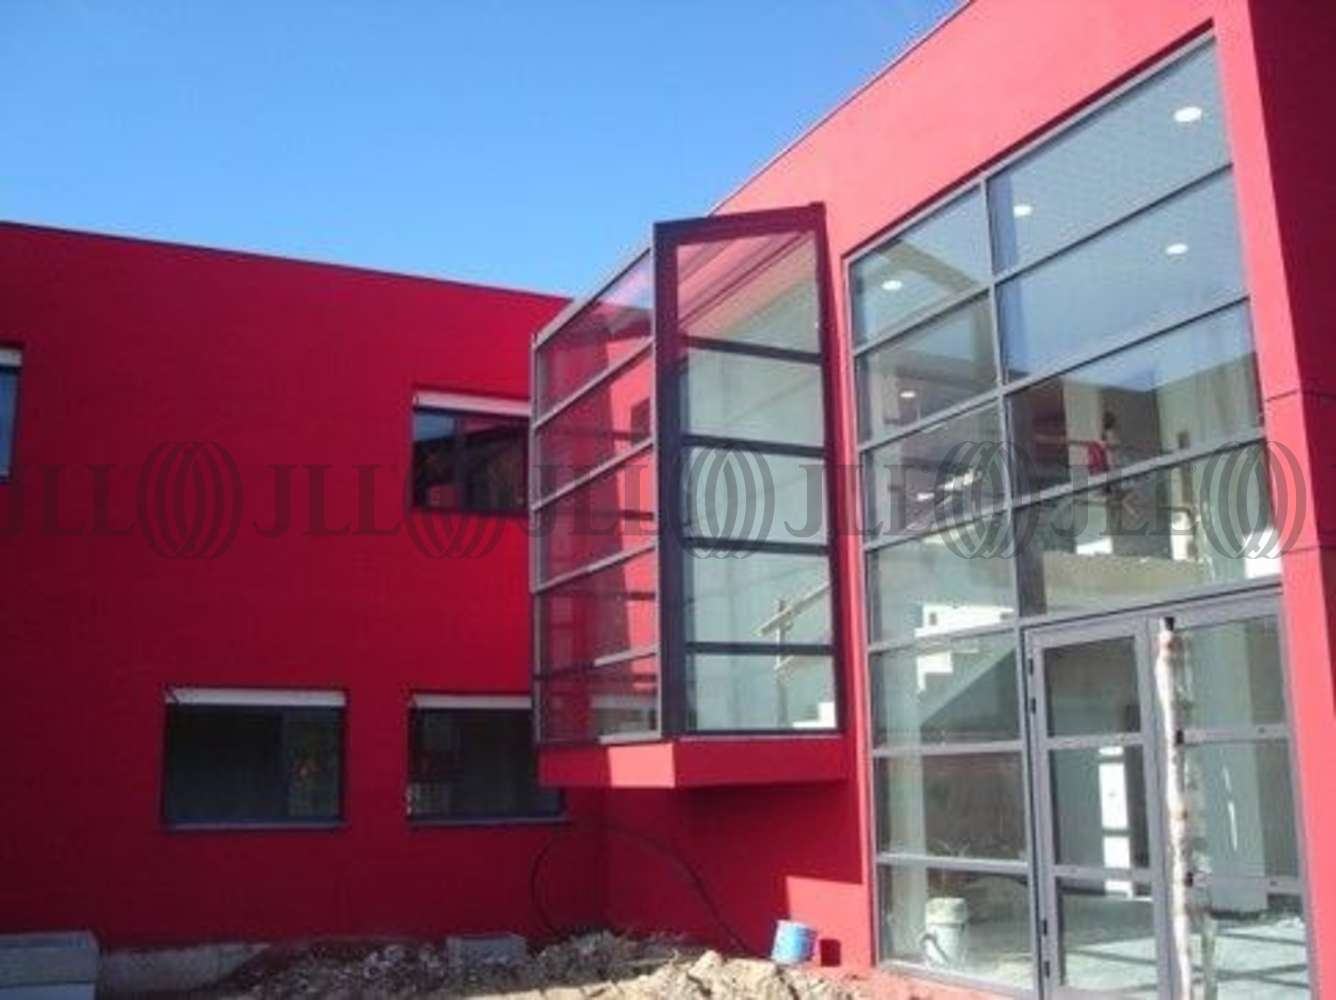 Activités/entrepôt Chasse sur rhone, 38670 - Achat / Location entrepot Lyon sud - 9886194